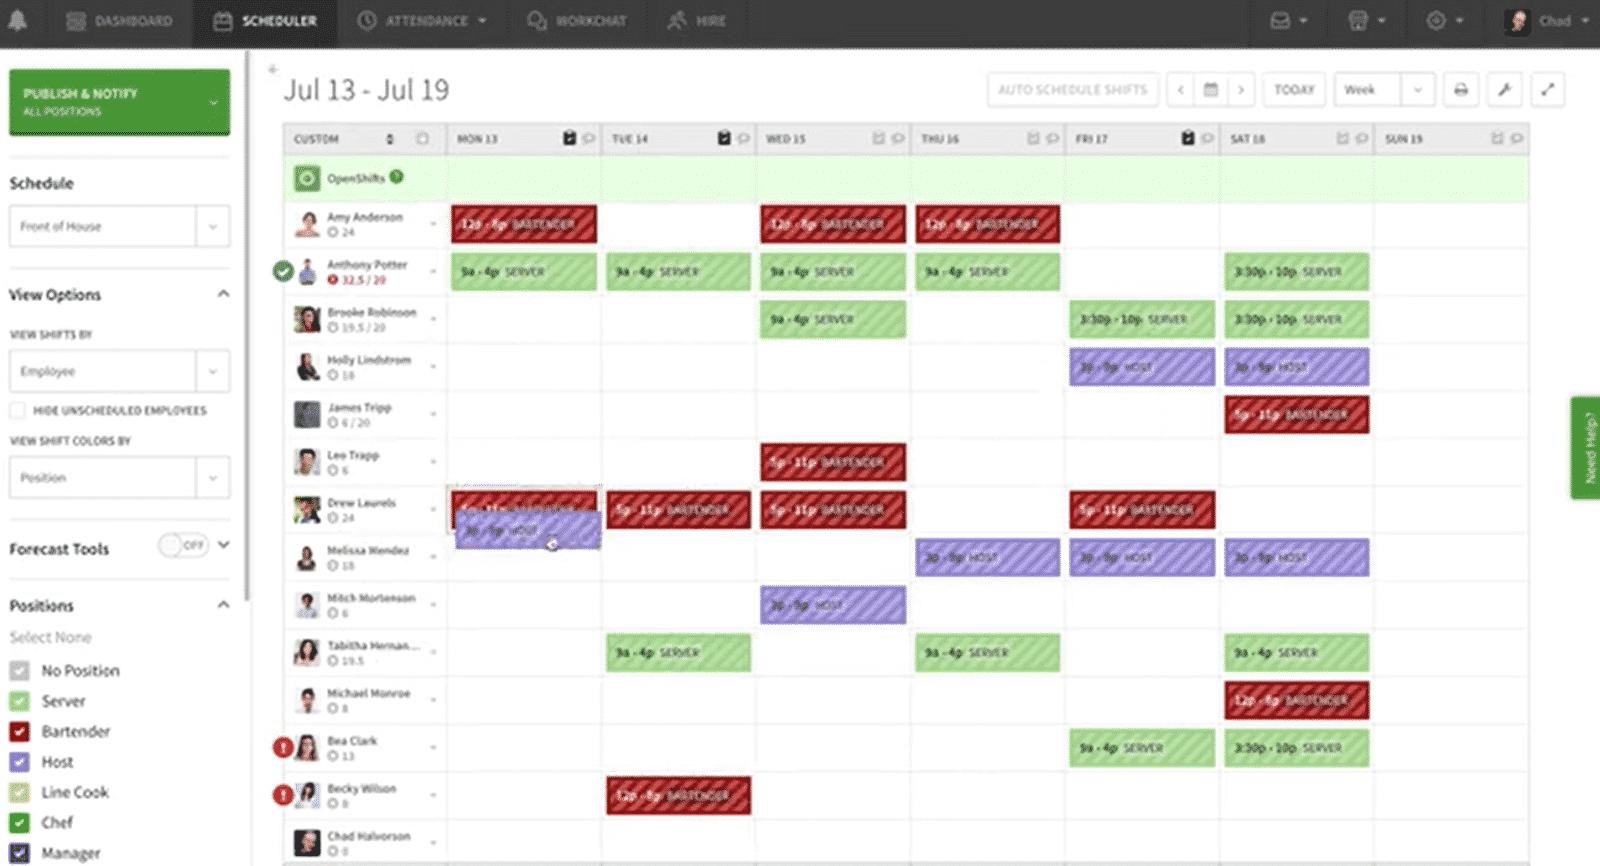 When_I_Work Scheduling Software